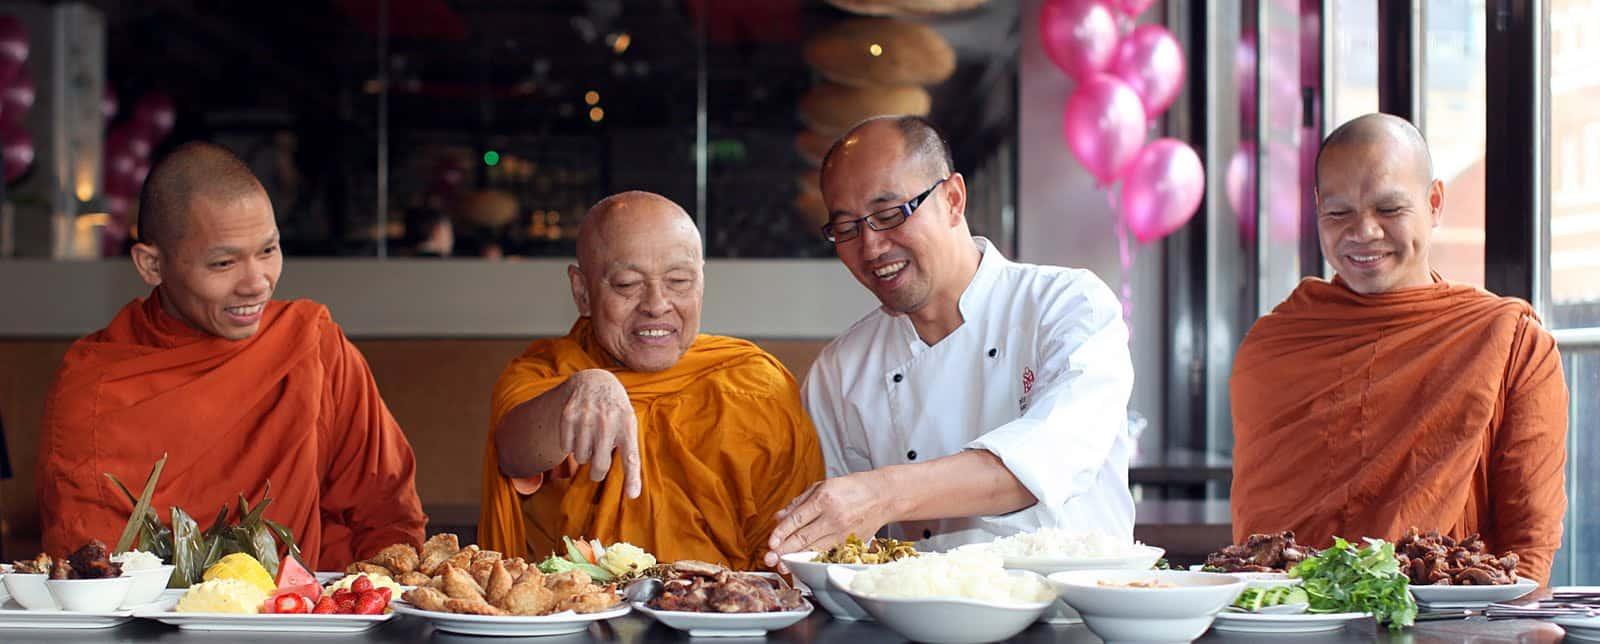 Des moines bouddhistes dans un restaurant